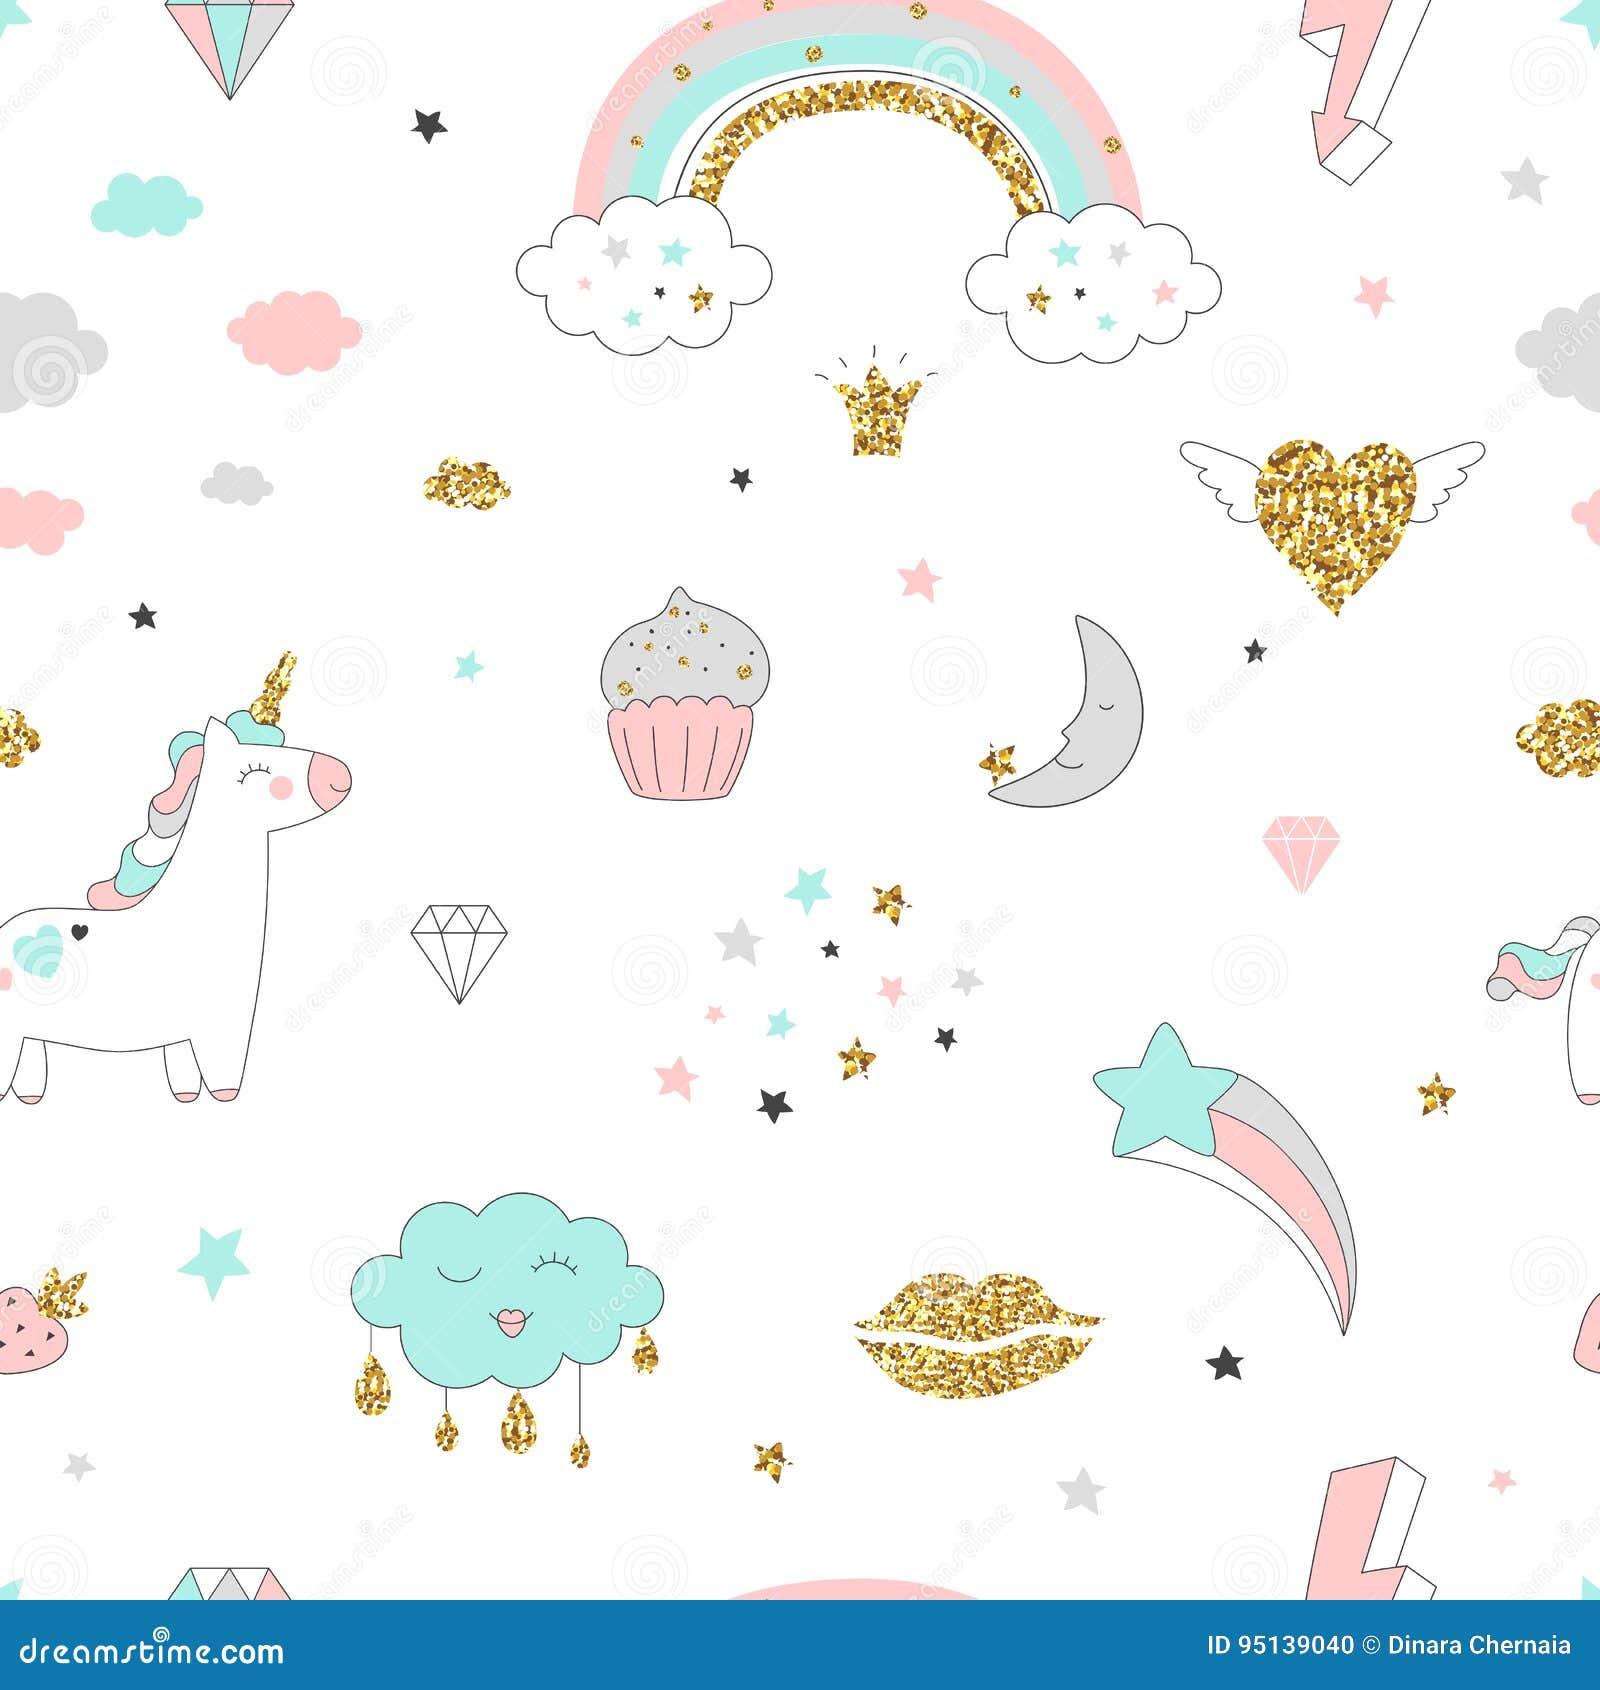 不可思议的与独角兽、彩虹、心脏,云彩和其他的设计无缝的样式元素